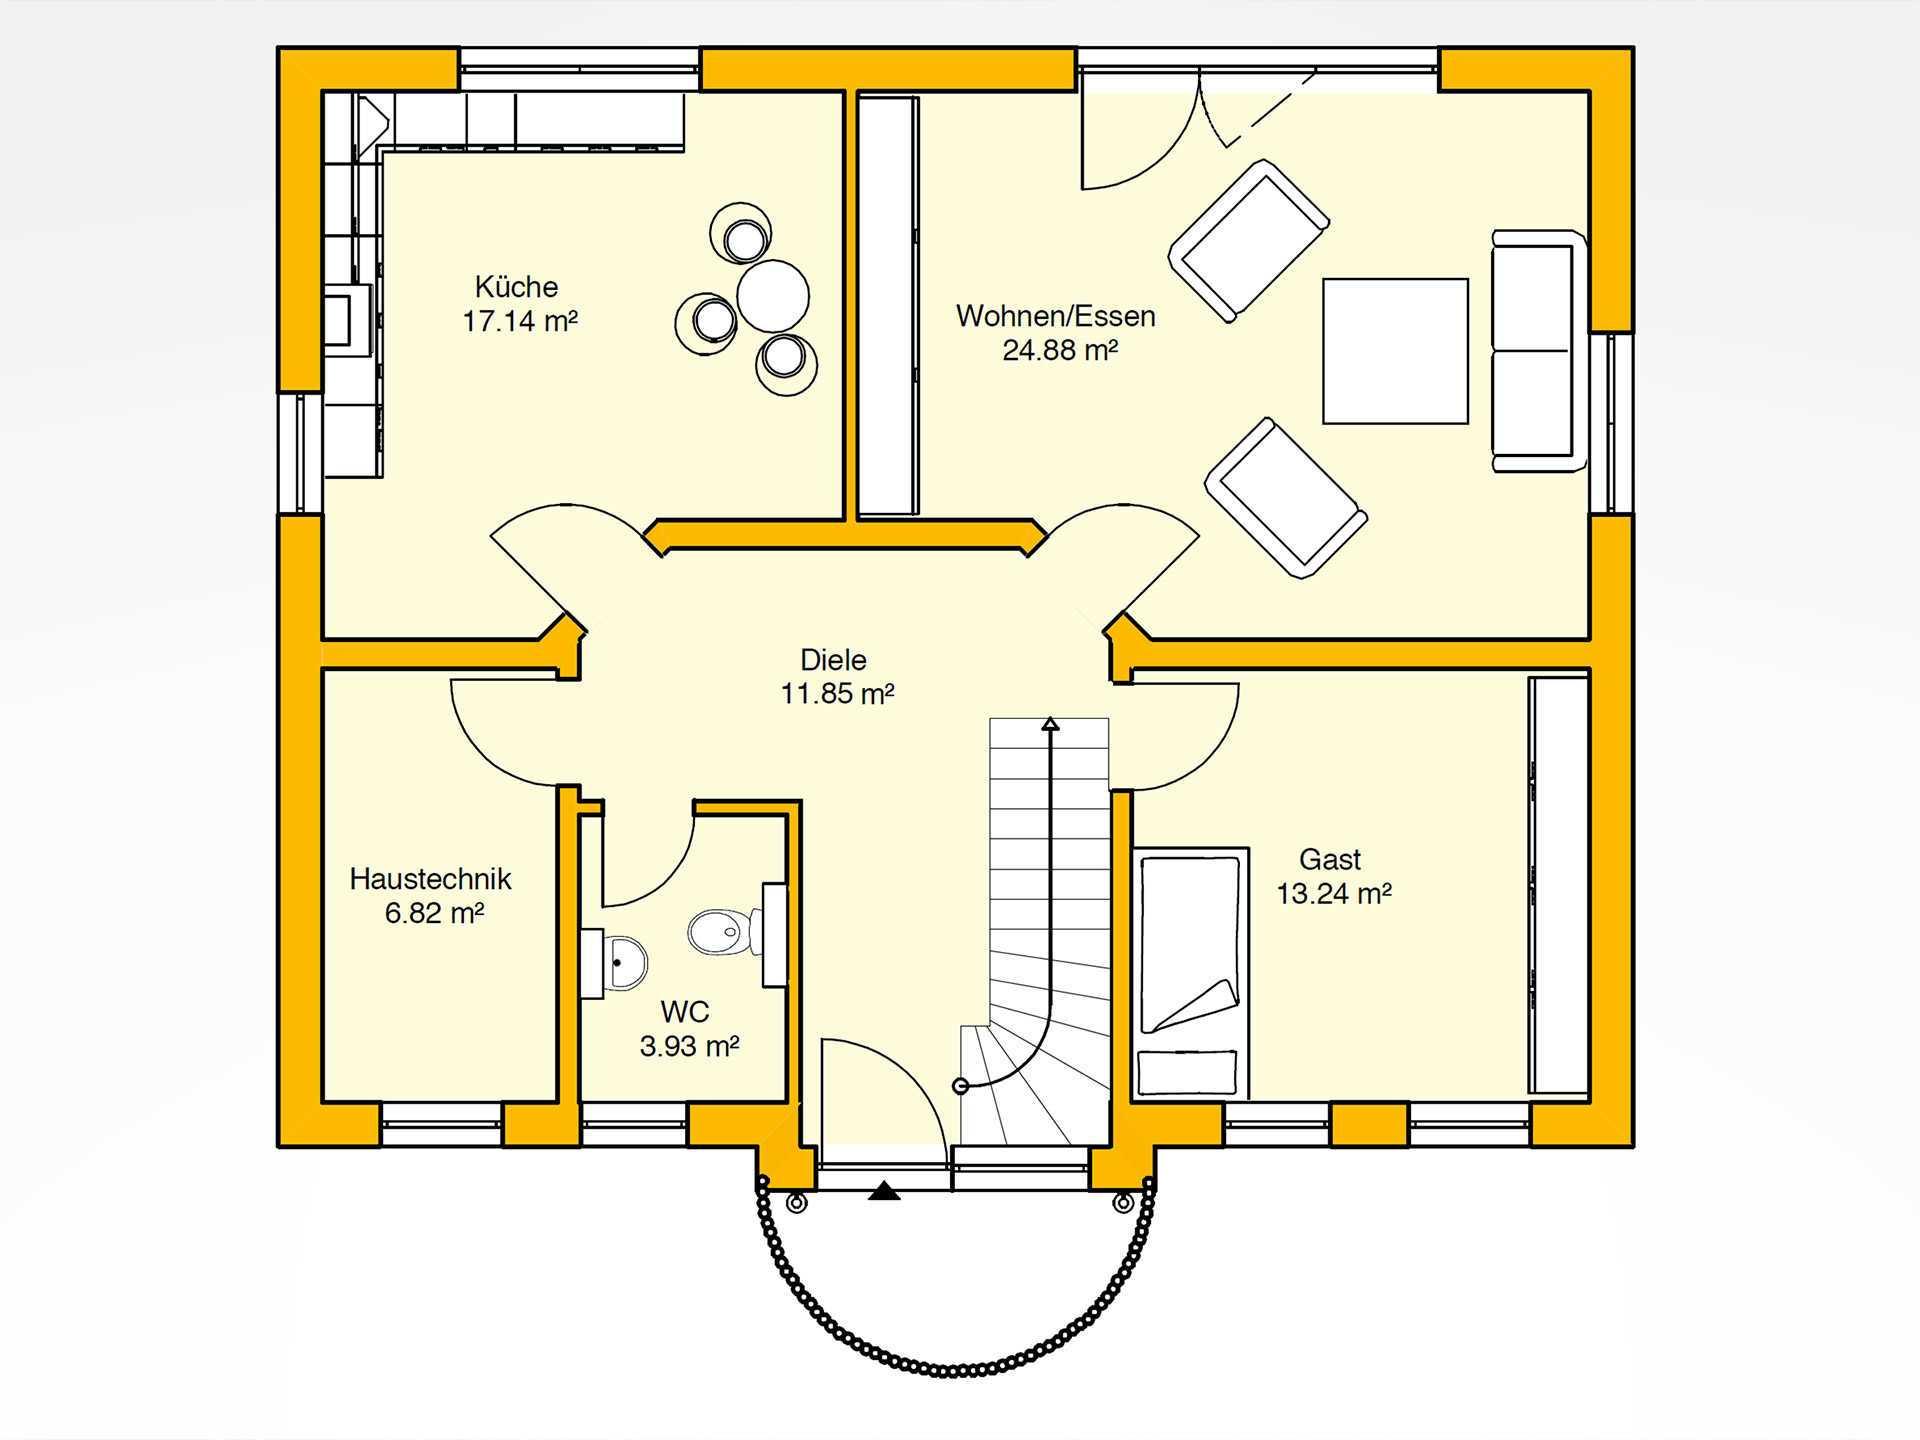 Erdgeschoss Beispielhaus 28.0